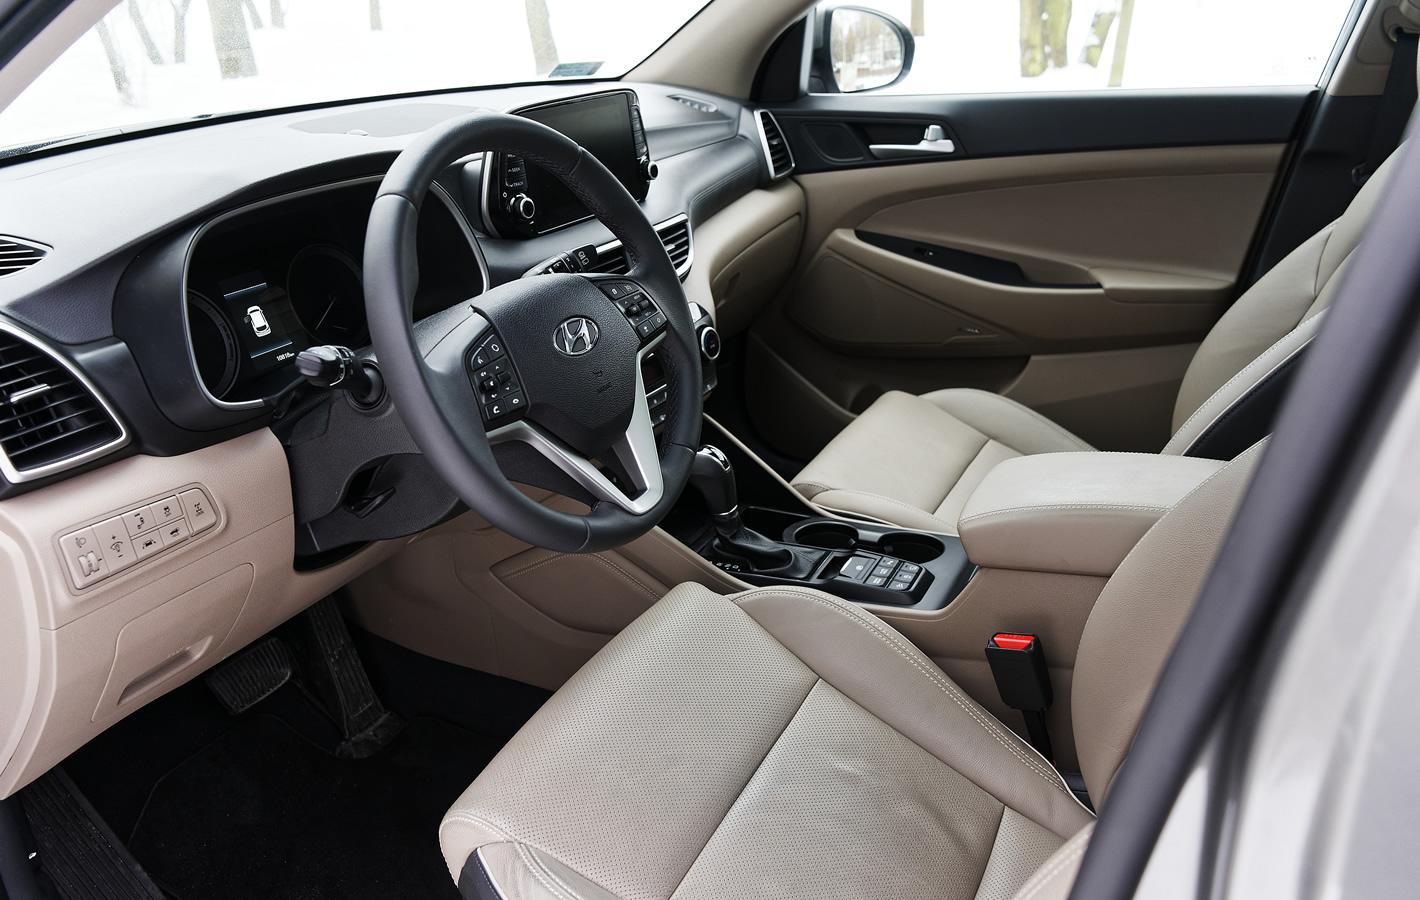 Hyundai Tucson 2.0 CRDi 48V - środek